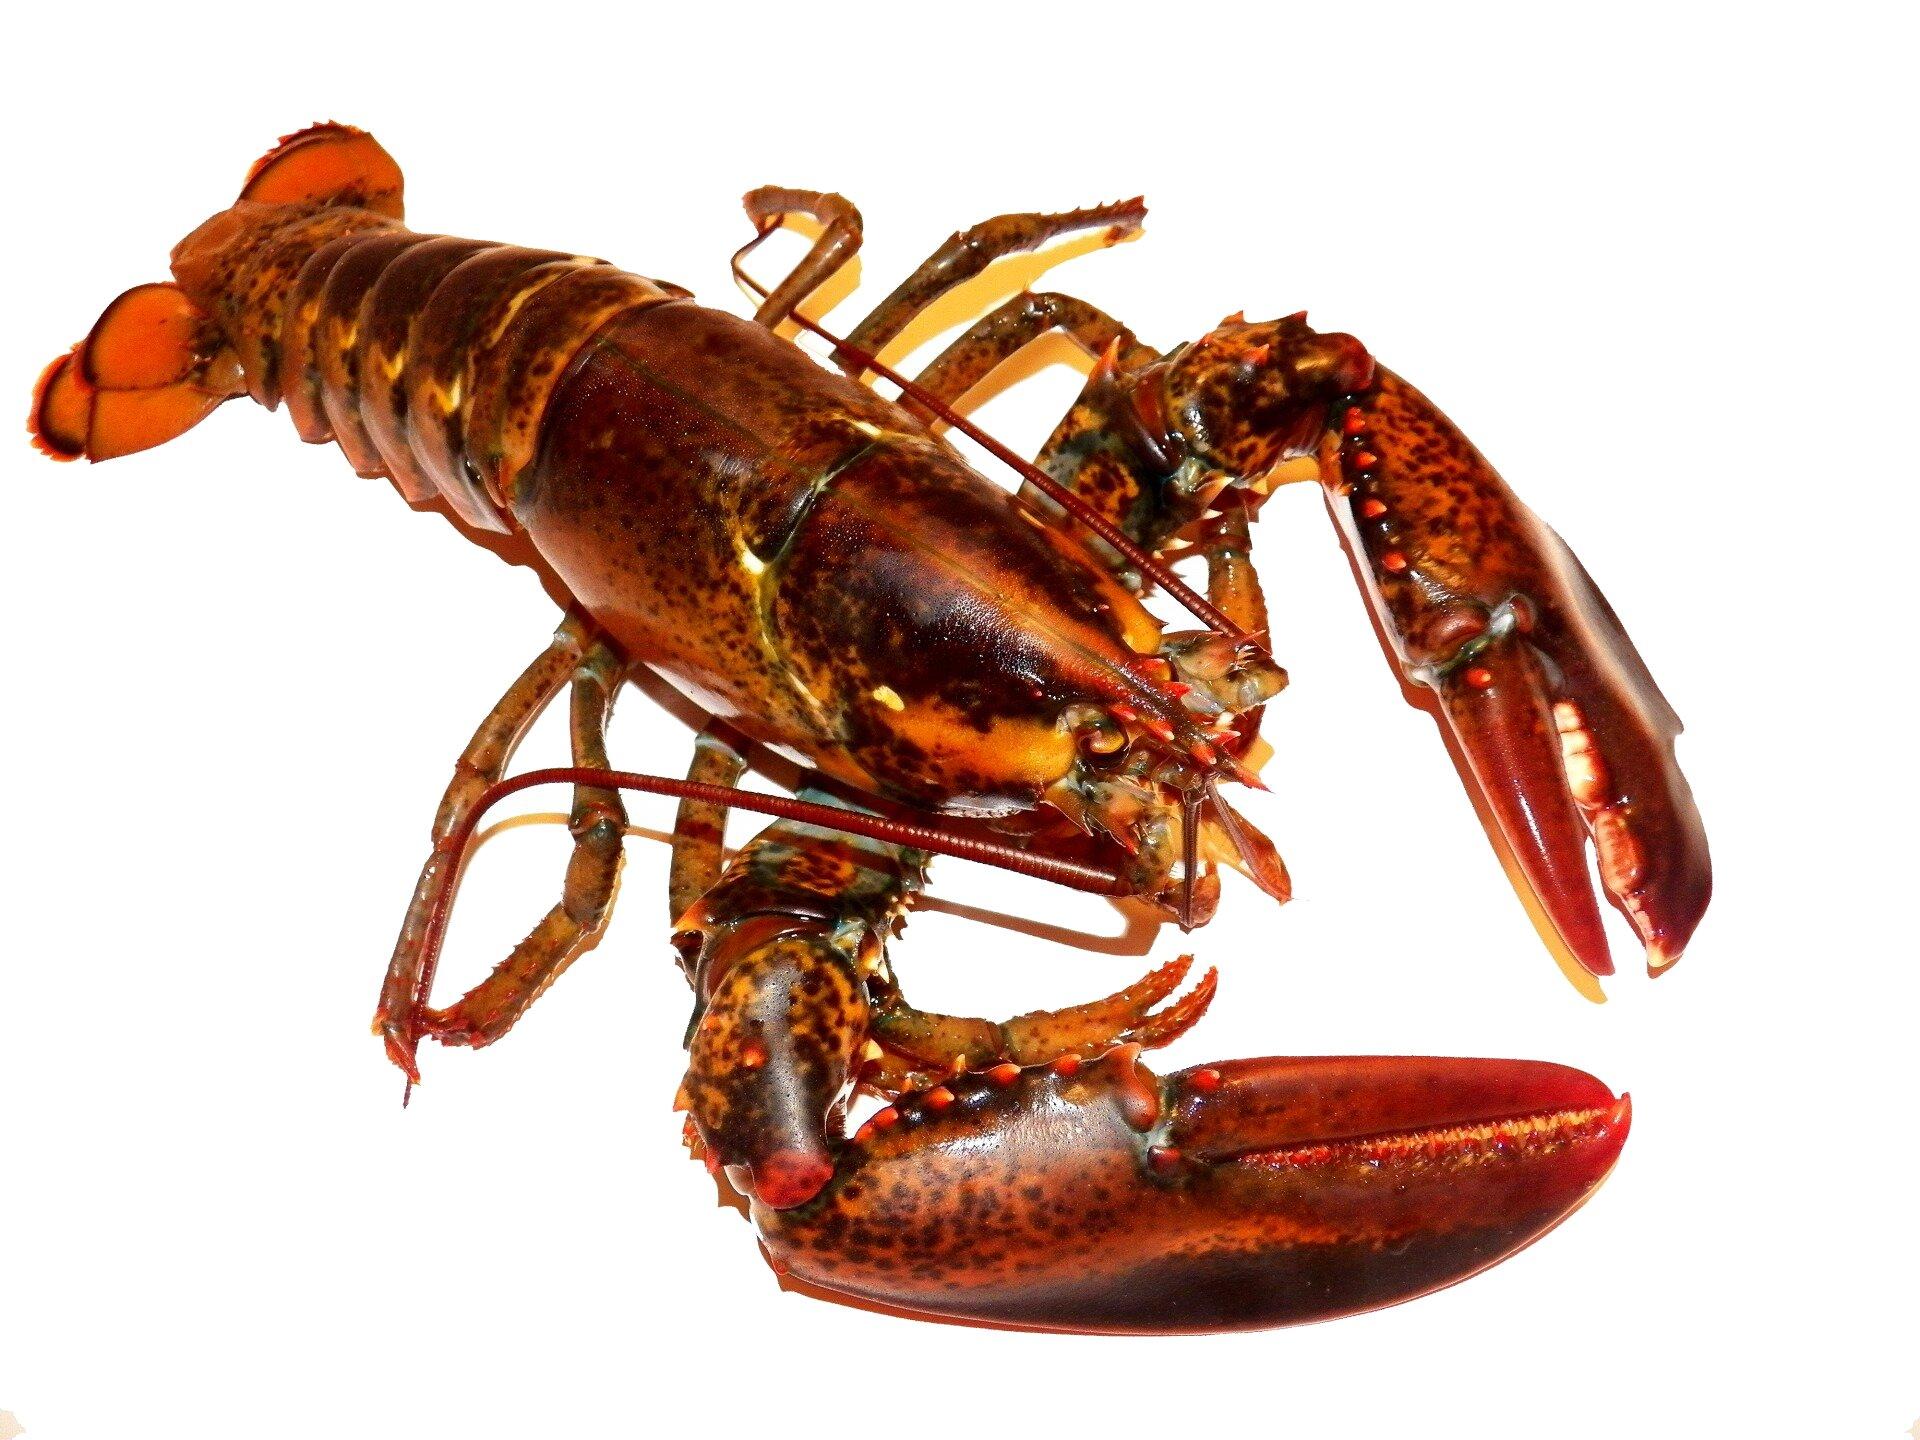 Wgalerii znajdują się fotografie przedstawicieli skorupiaków. Fotografia na białym tle ukosem leżącego homara. Barwa miedziana ciemno nakrapiana. Duże szczypce do kruszenia muszli po prawej wdół. Część głowowa zdługimi czułkami, ustawionymi do tyłu. Odnóża kroczne cienkie, długie. Masywny odwłok iwachlarzyk ogonowy.